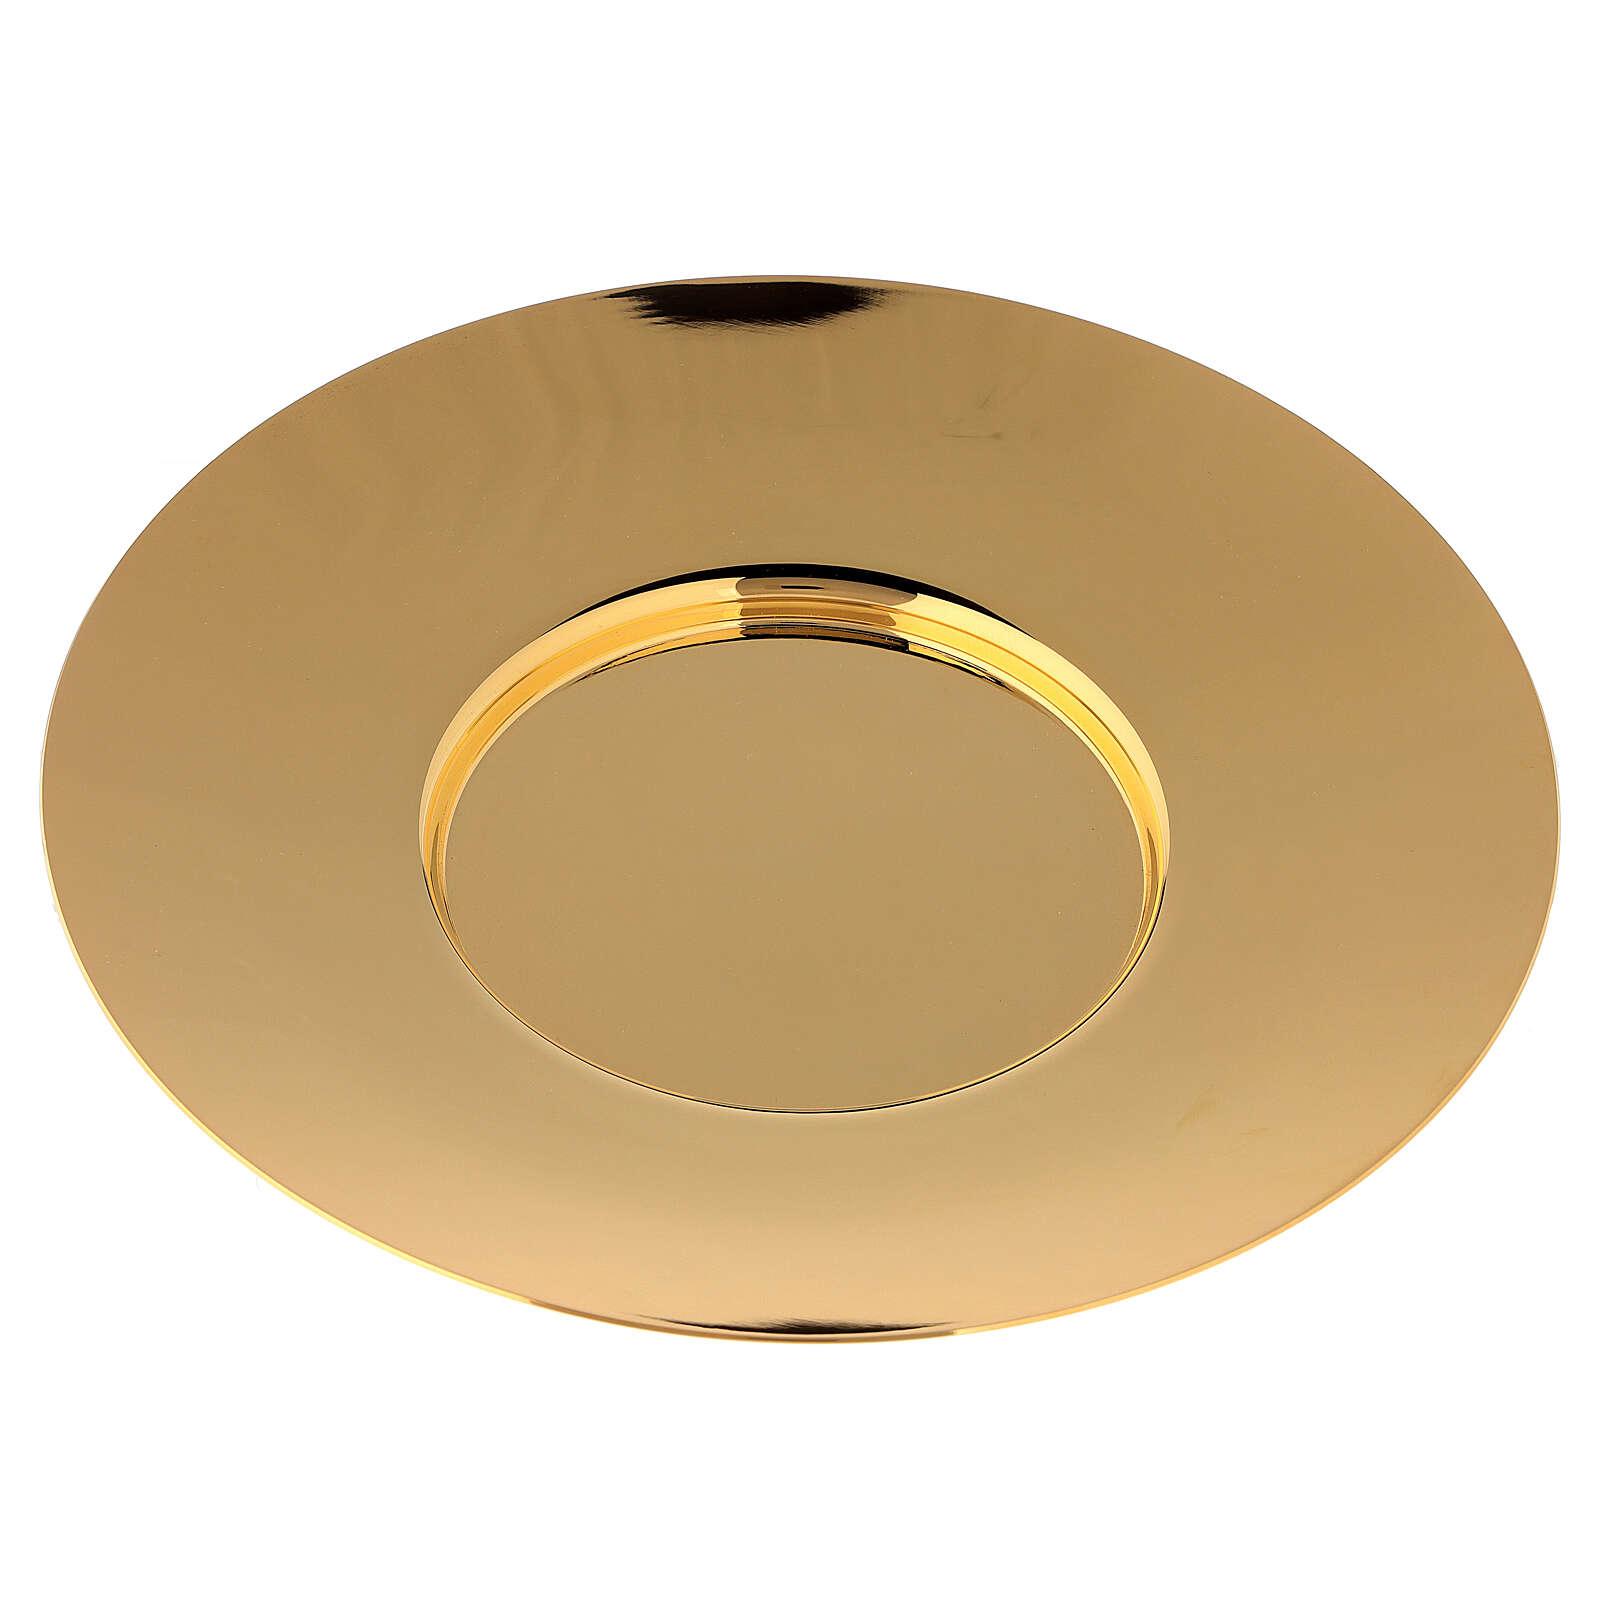 Patena clásica latón dorado diám 20 cm 4